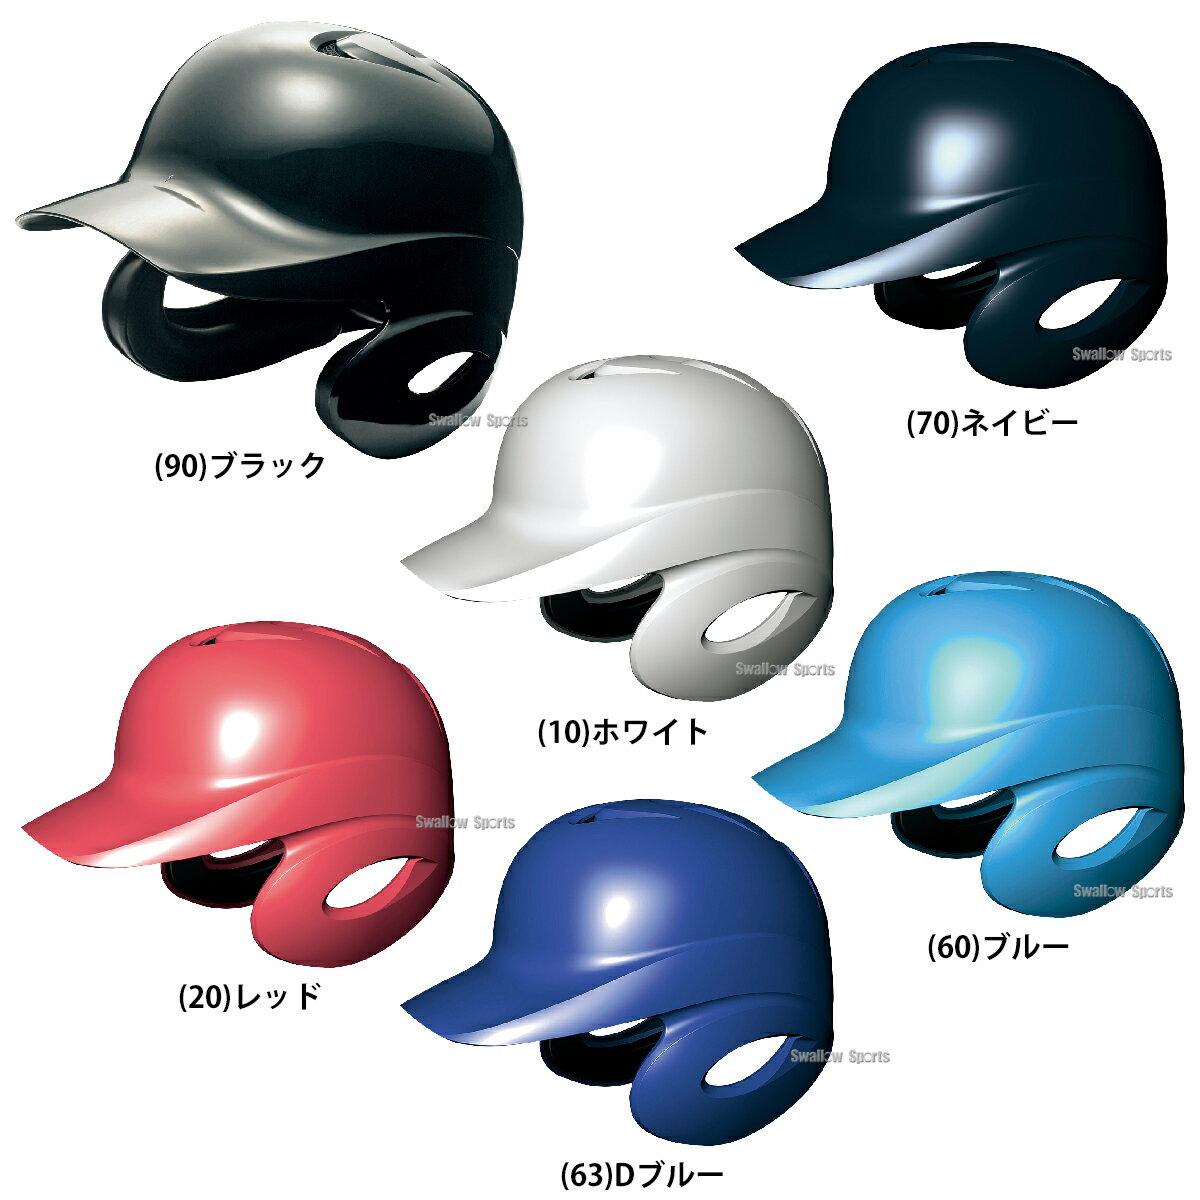 SSK エスエスケイ ソフトボール 打者用 ヘルメット 両耳付き H6500 野球用品 スワロースポーツ